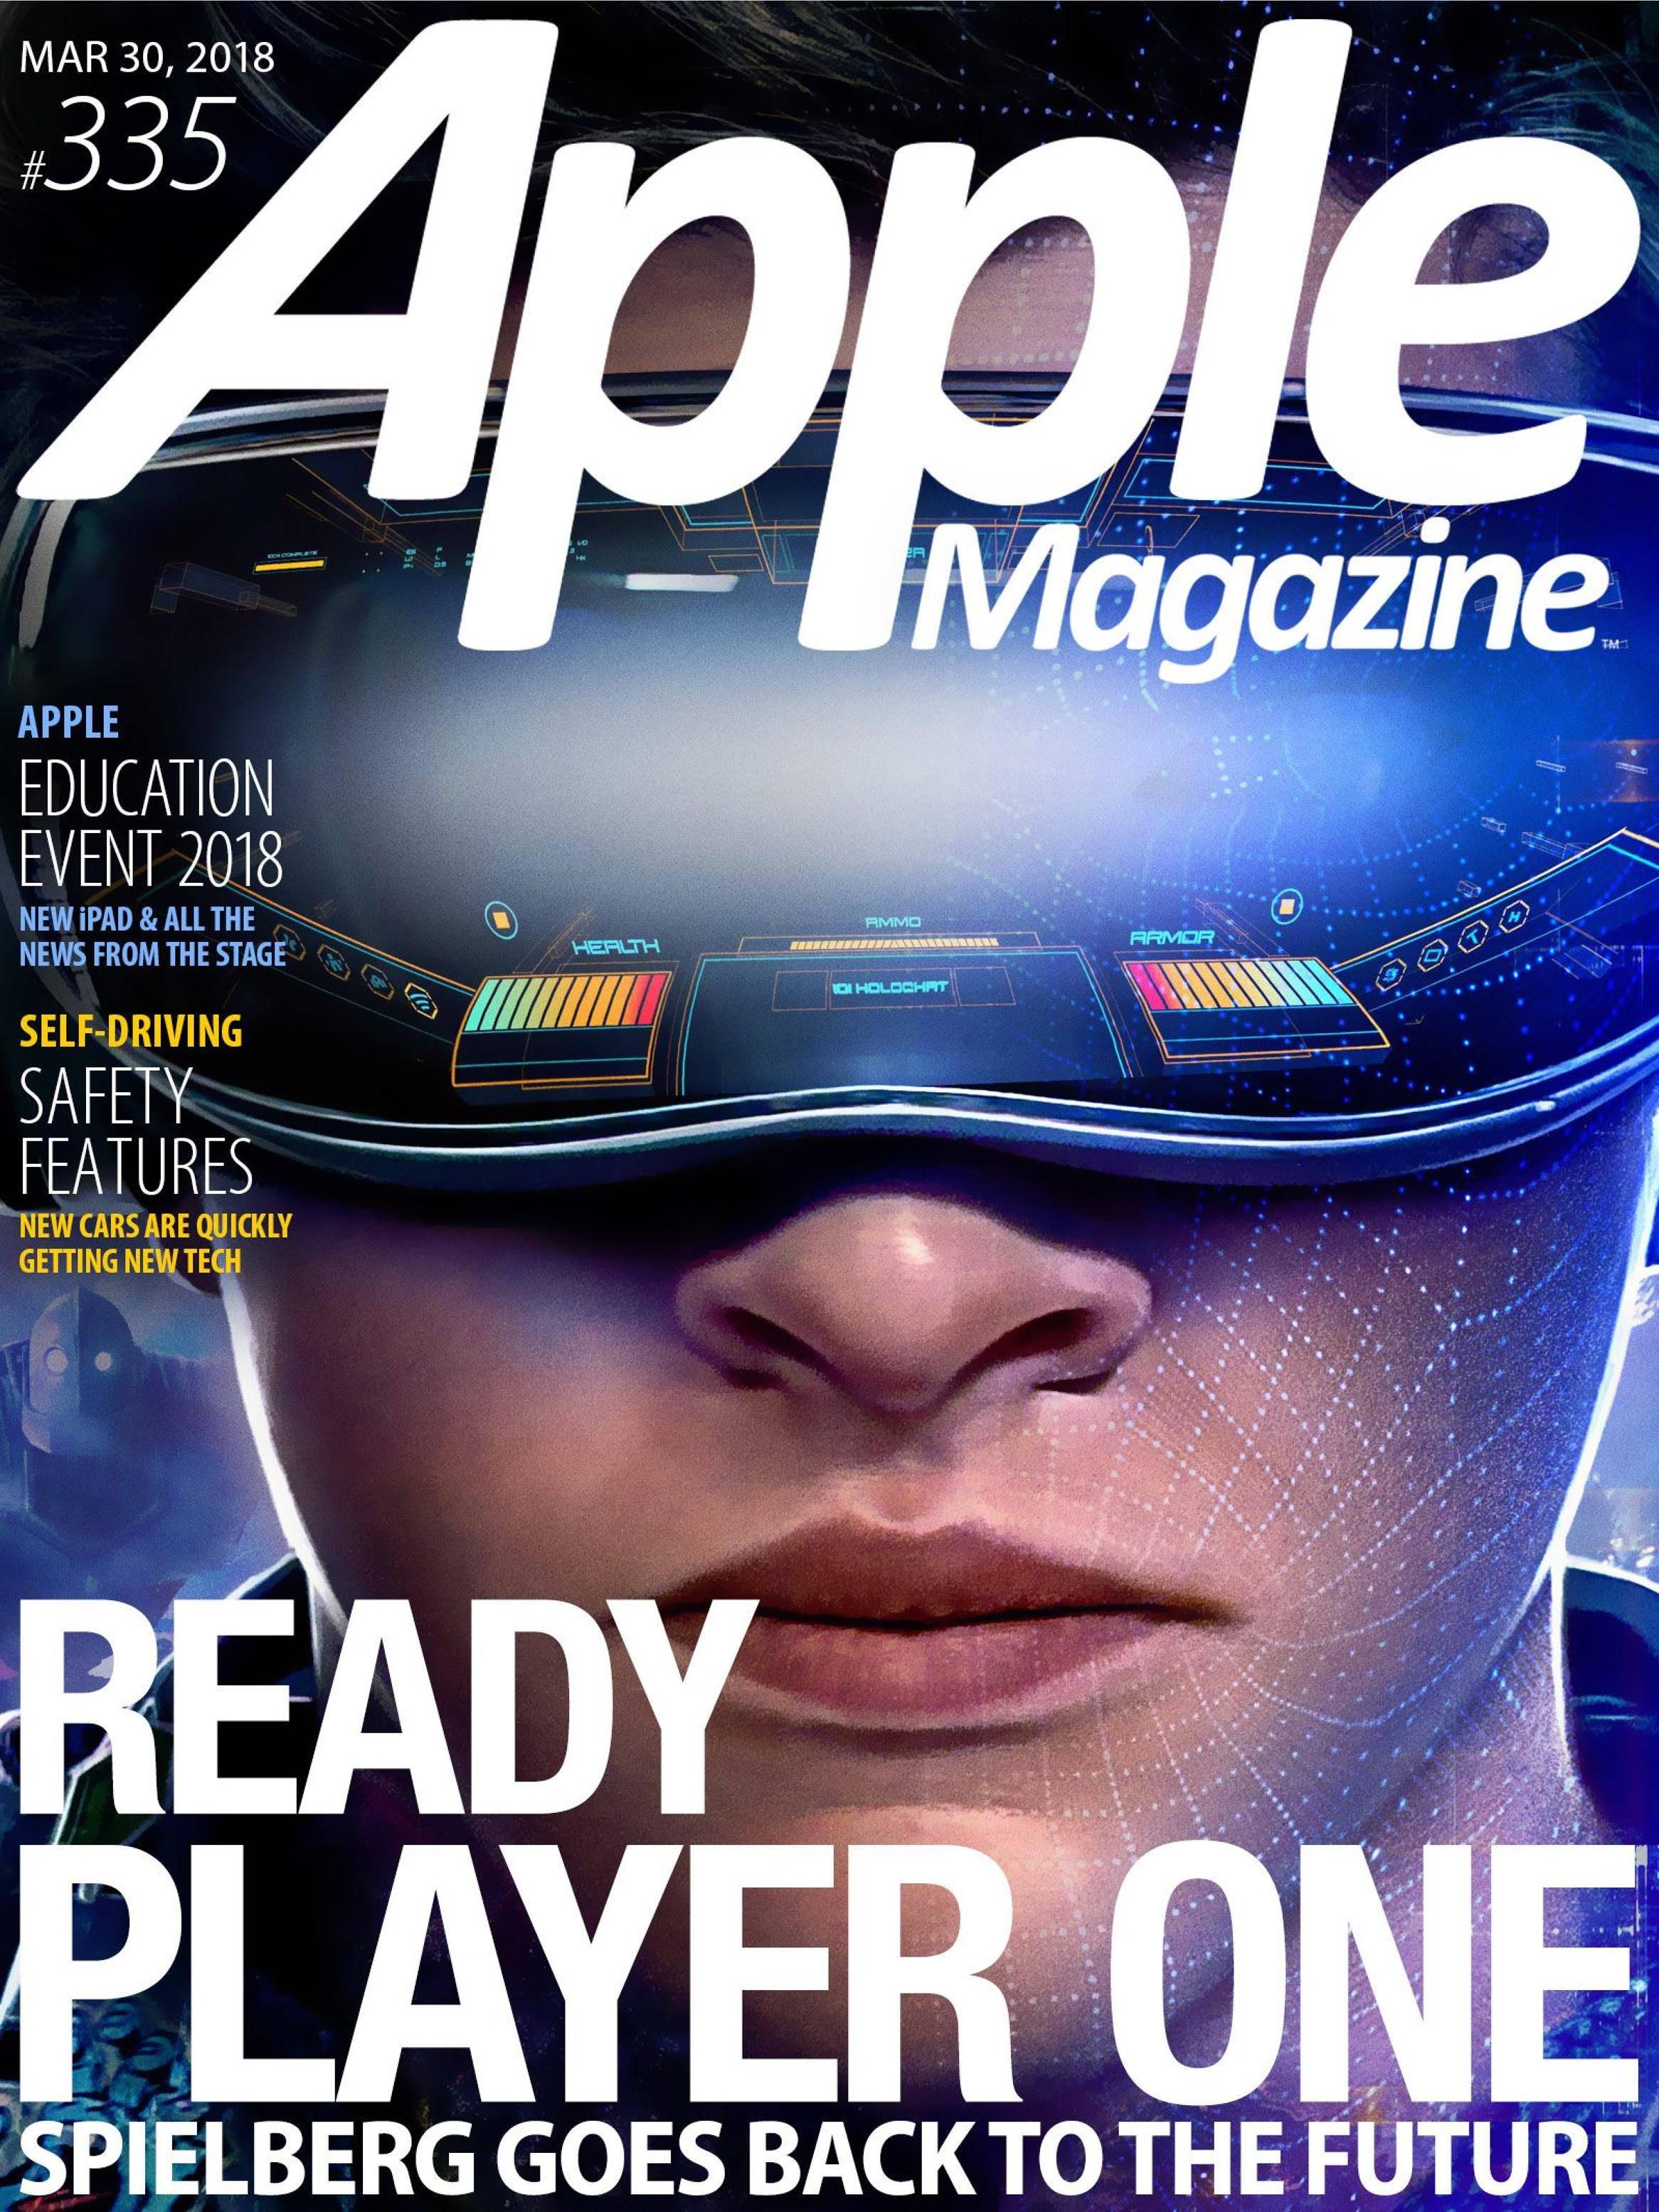 AppleMagazine - March 30, 2018